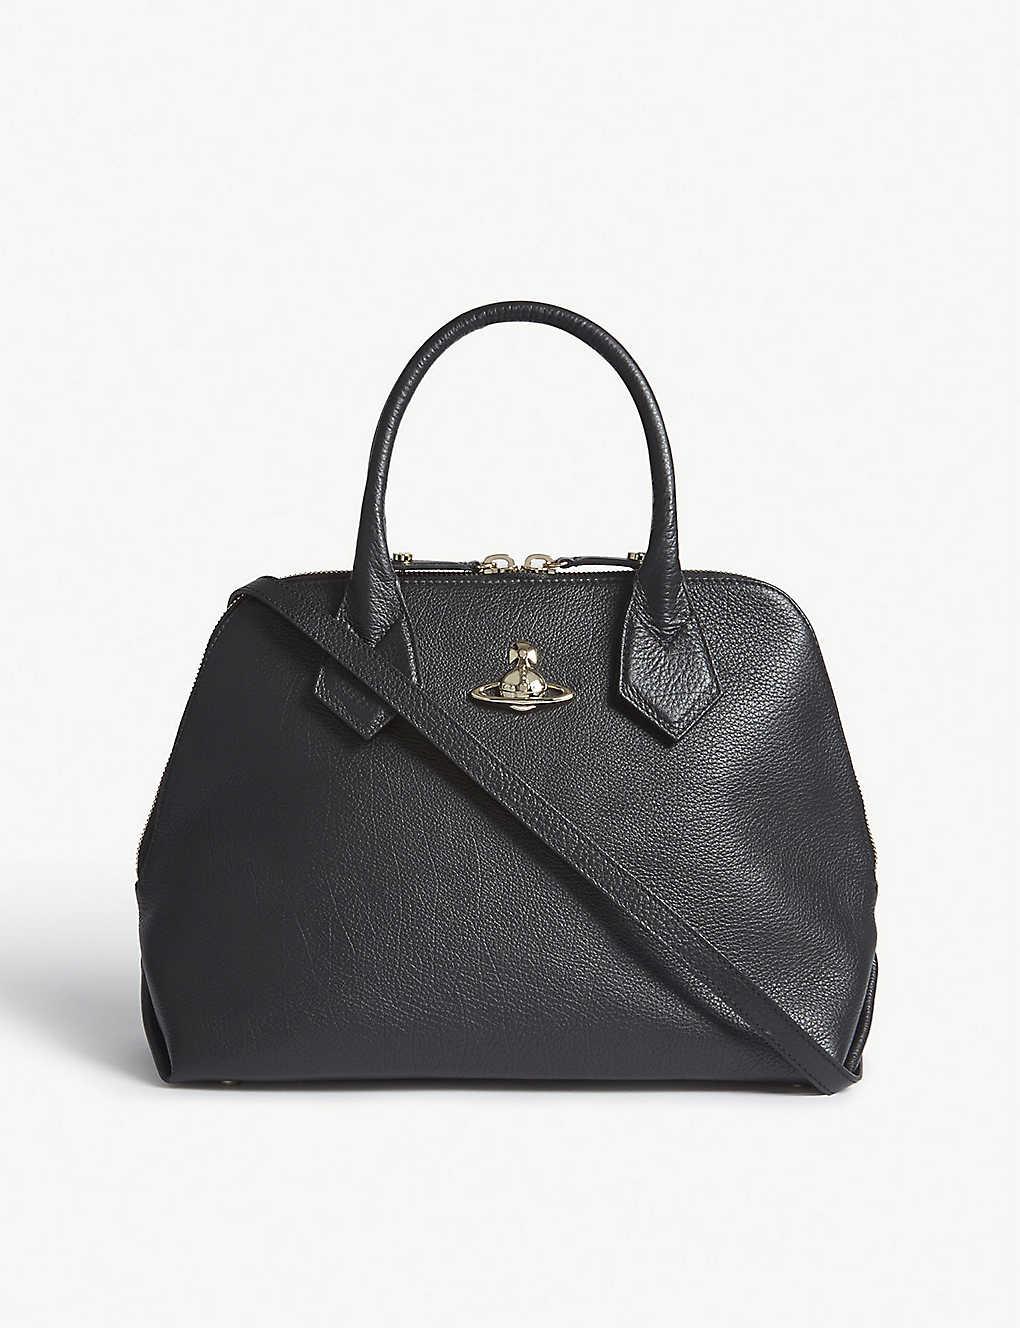 e2d9ec5d1a VIVIENNE WESTWOOD - Balmoral leather tote | Selfridges.com